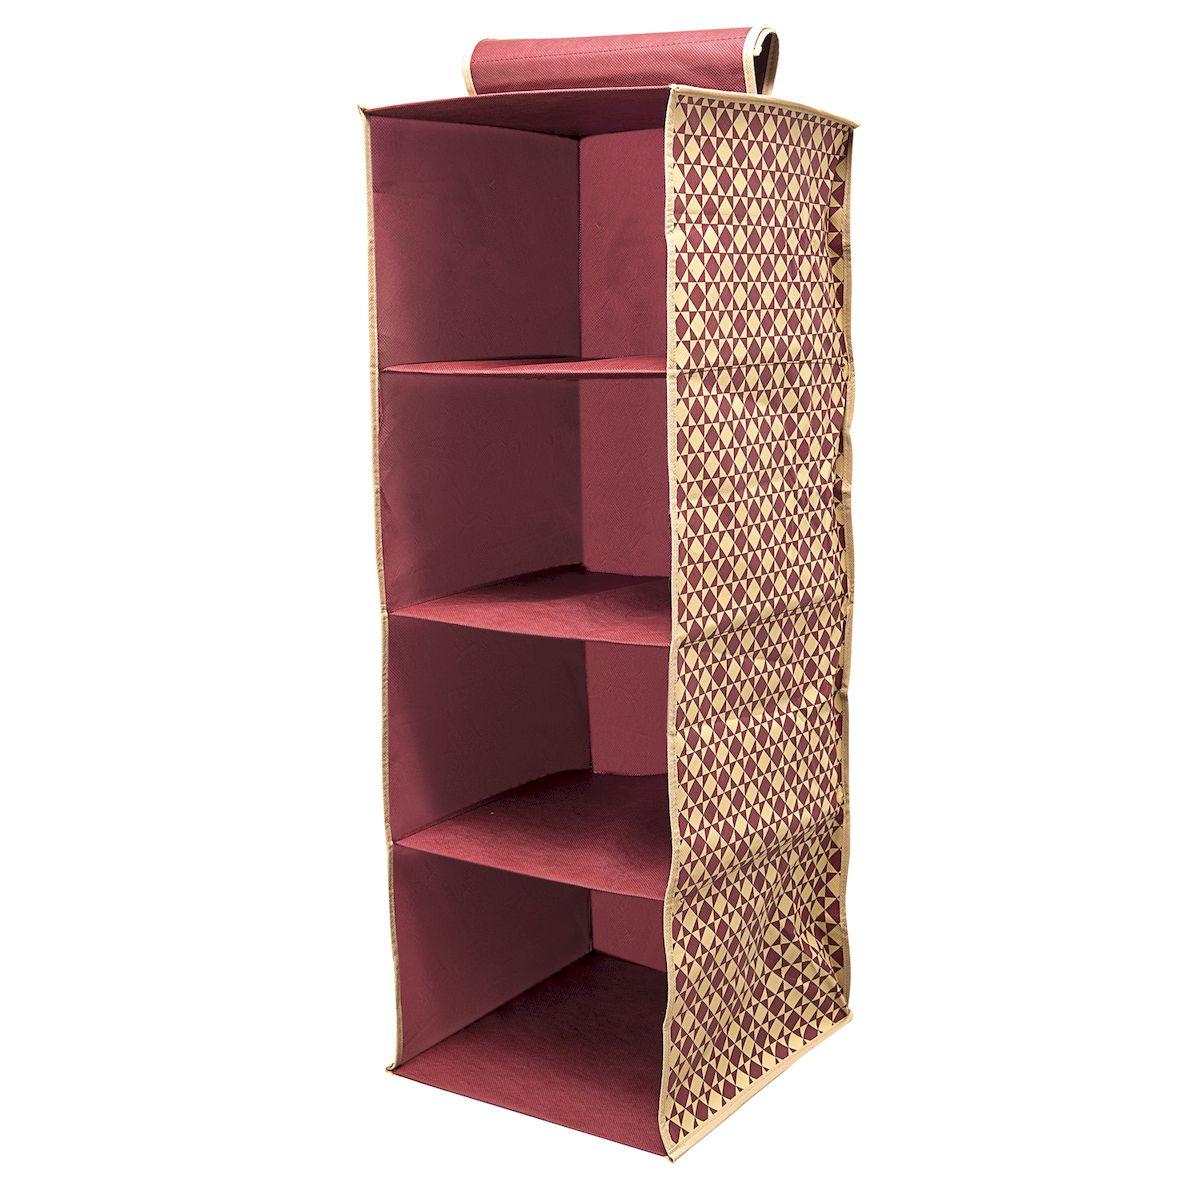 Органайзер подвесной Homsu Bordo, 4 полки, 32 x 32 x 85 смHOM-397Подвесной органайзер Homsu Bordo выполнен из прочного полиэстера - материала, который отличается прочностью, водоотталкивающими свойствами и практичностью. Изделие имеет 4 полки для хранения различных предметов, в том числе одежды, детских игрушек. Органайзер подвешивается к карнизу, рейлингу, стальным трубам и крепежам с помощью специальной петли.